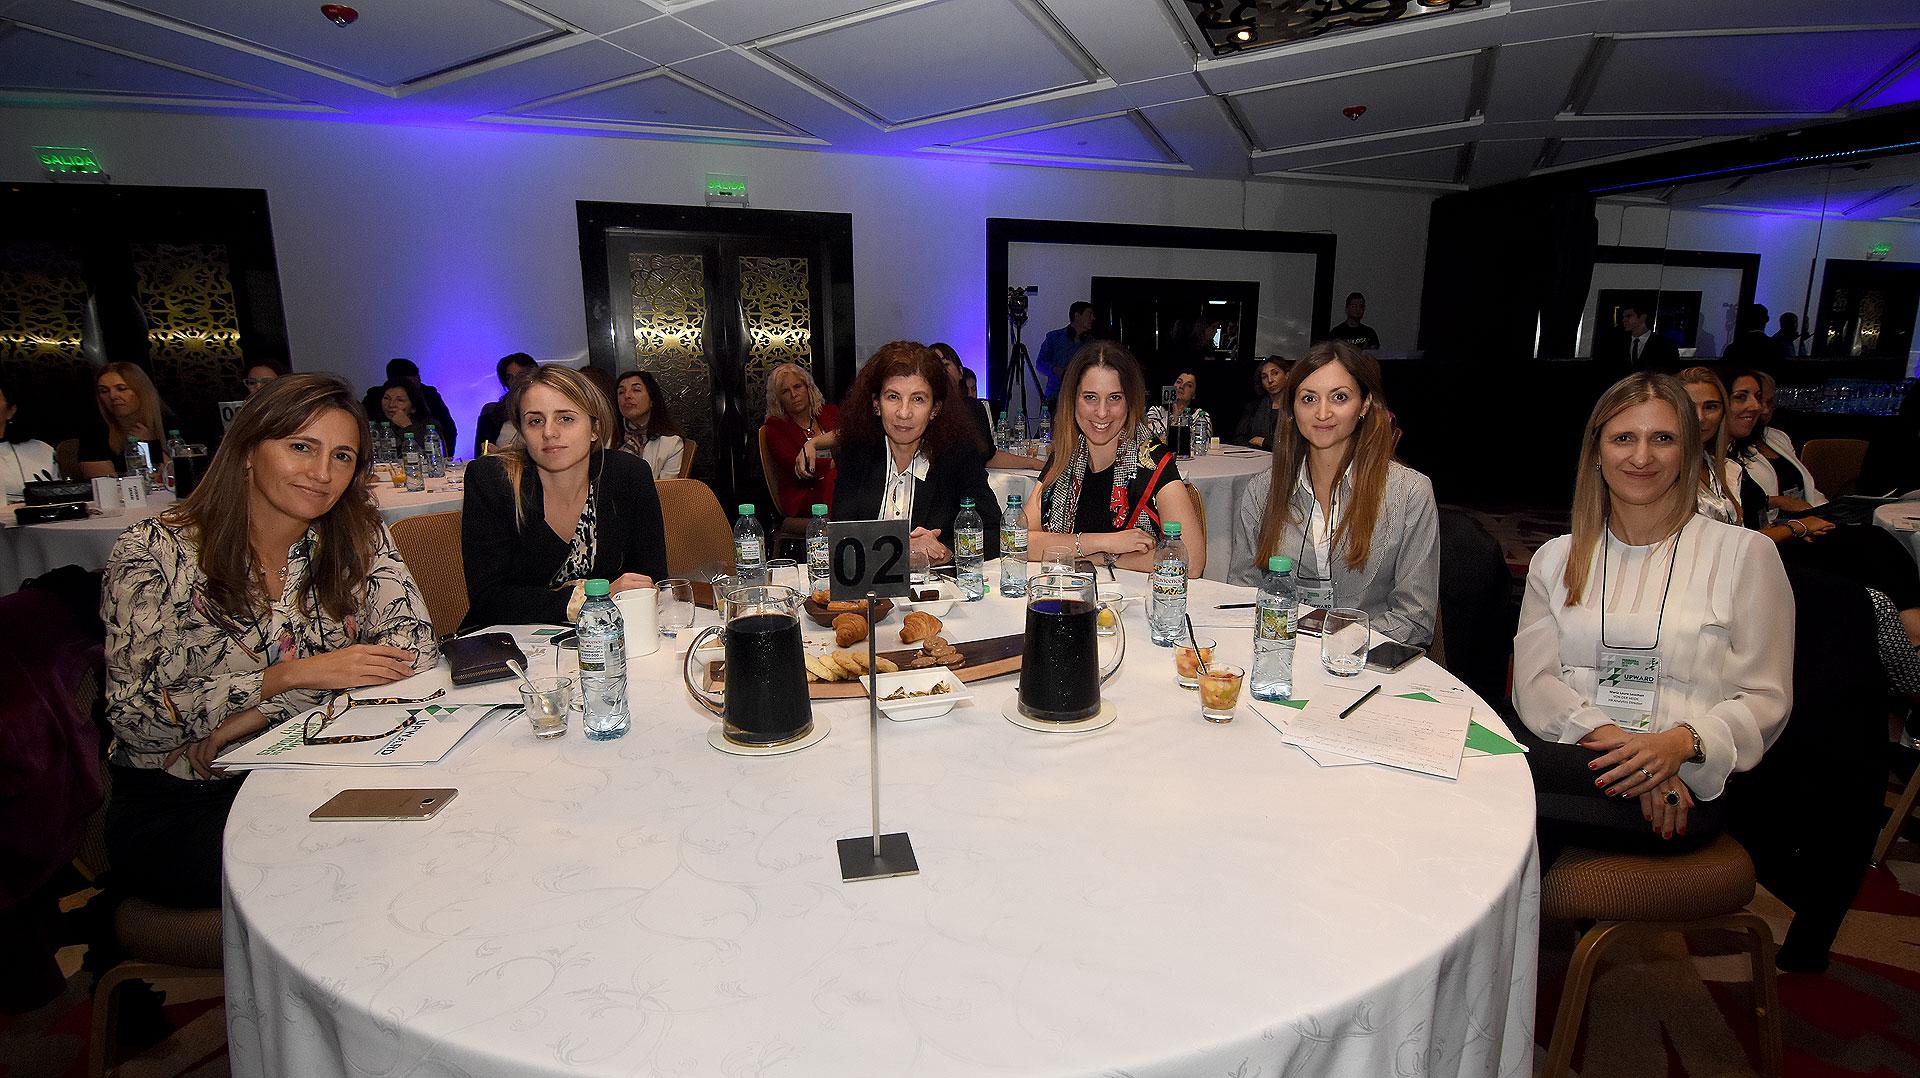 Magdalena González (Telecom), Mariana Caizza (Pepsico), Patricia Rey (Canal de la Ciudad), Denise Kurchan Saban (Biogen), Camila Di Sábato (Comunicación y Marketing) y María Laura Leszman (Von Der Heide)